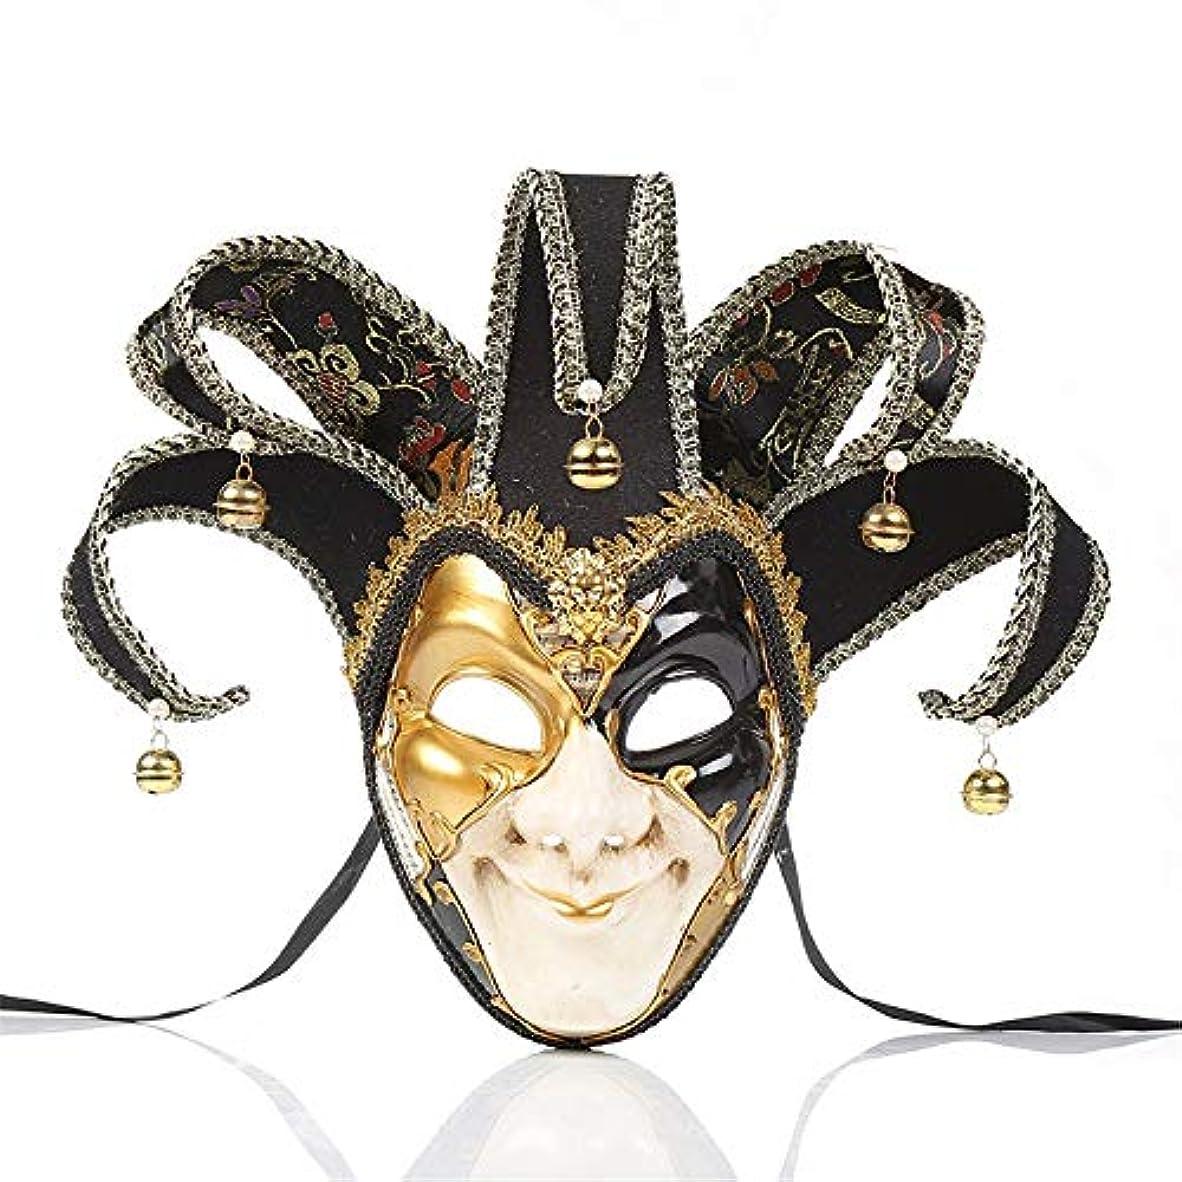 プレゼントスライムハロウィンダンスマスク ピエロマスクハロウィーンパフォーマンスパフォーマンス仮面舞踏会雰囲気用品祭りロールプレイングプラスチックマスク パーティーボールマスク (色 : ブラック, サイズ : 39x33cm)